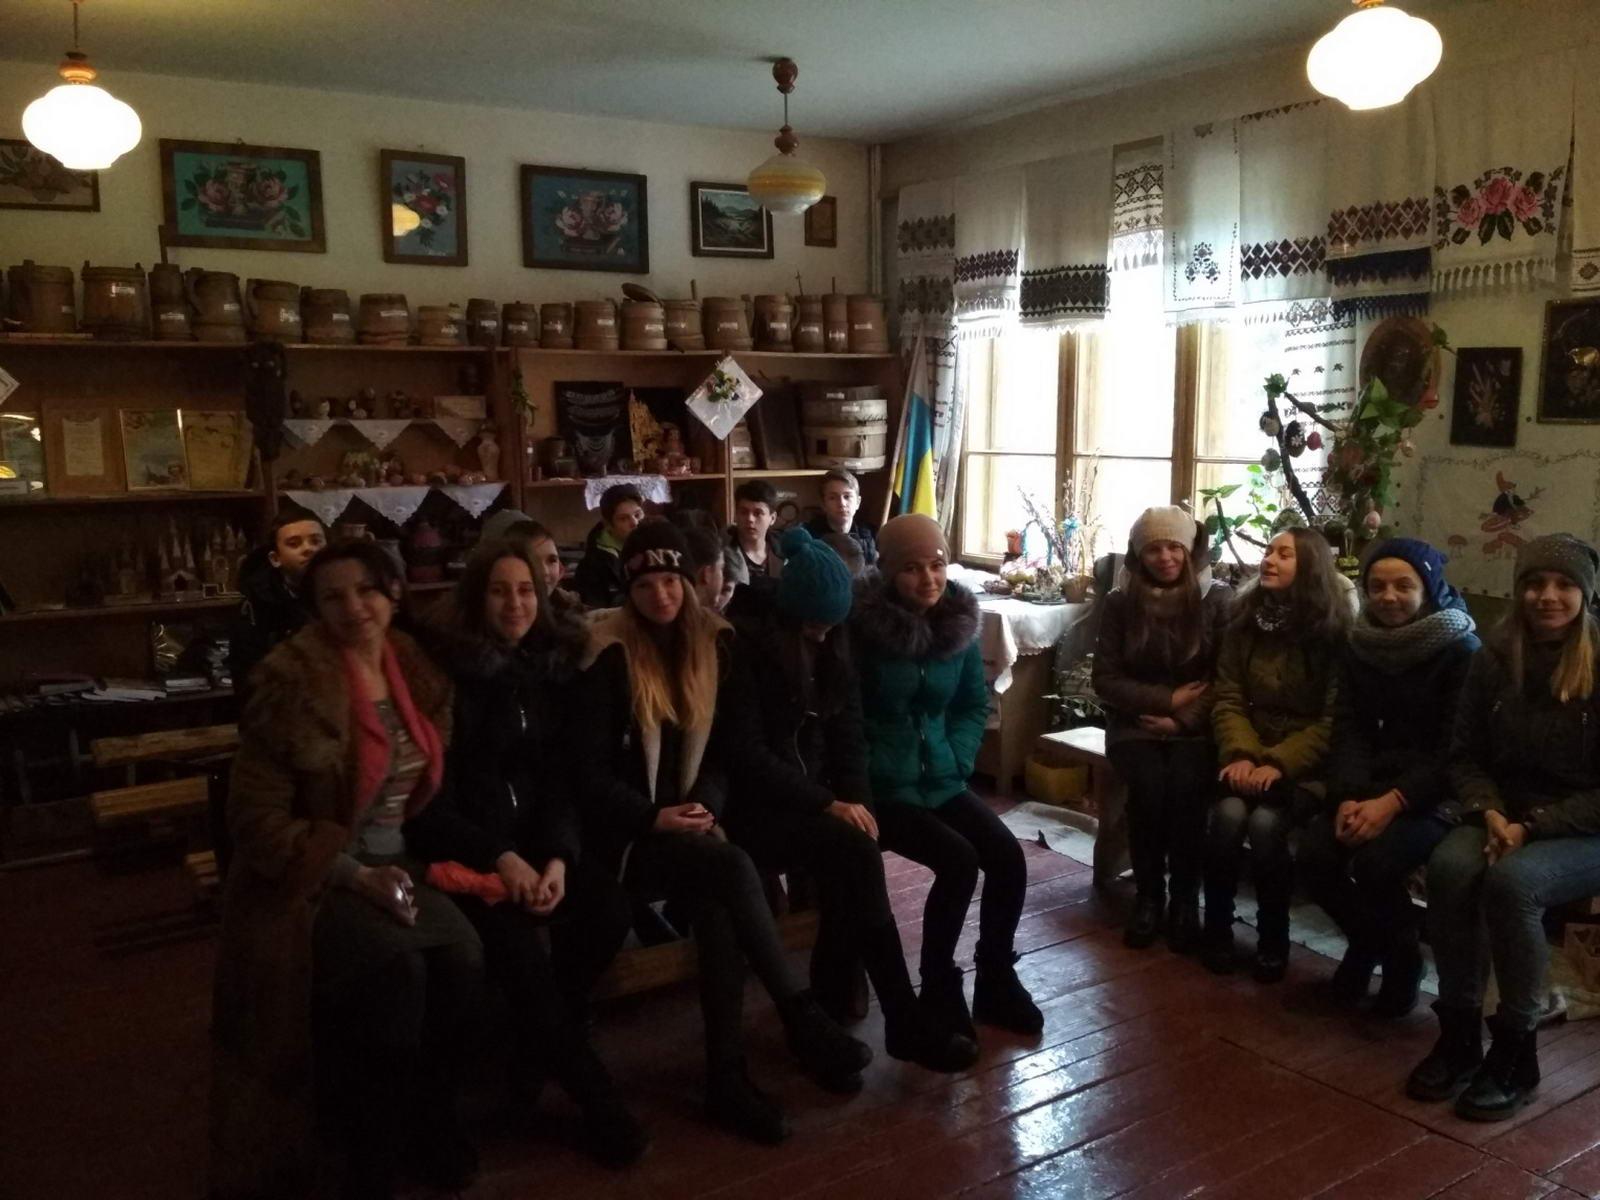 Етнографічний музей ліцею відвідали учні середніх шкіл Міжгір'я